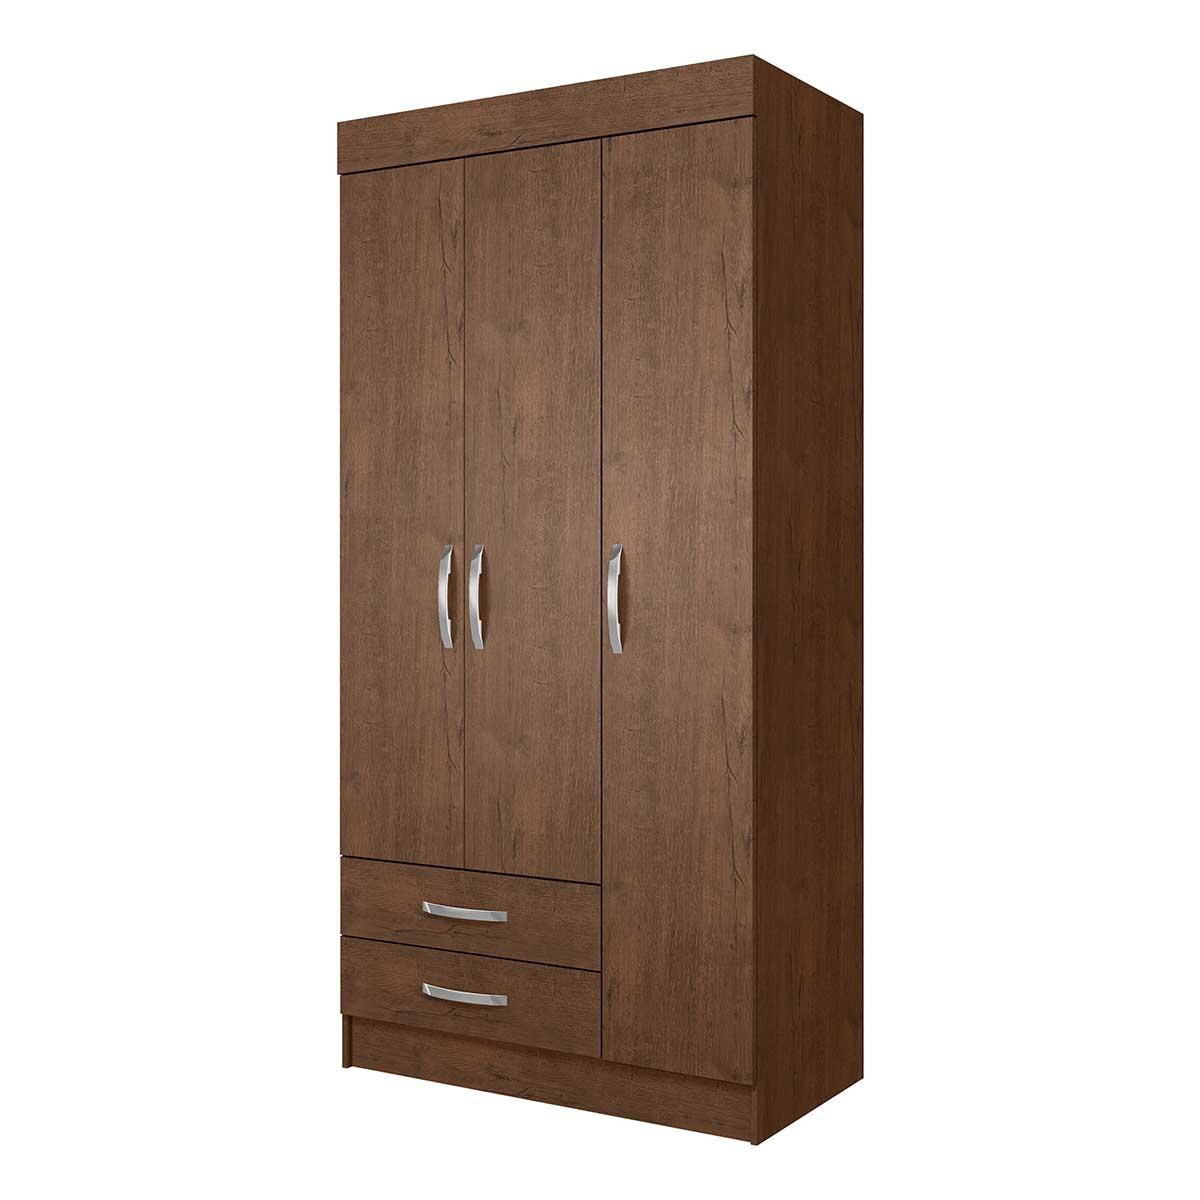 Ropero Closet Armario Mueble Moderno 3 Puertas 2Cajones Casa